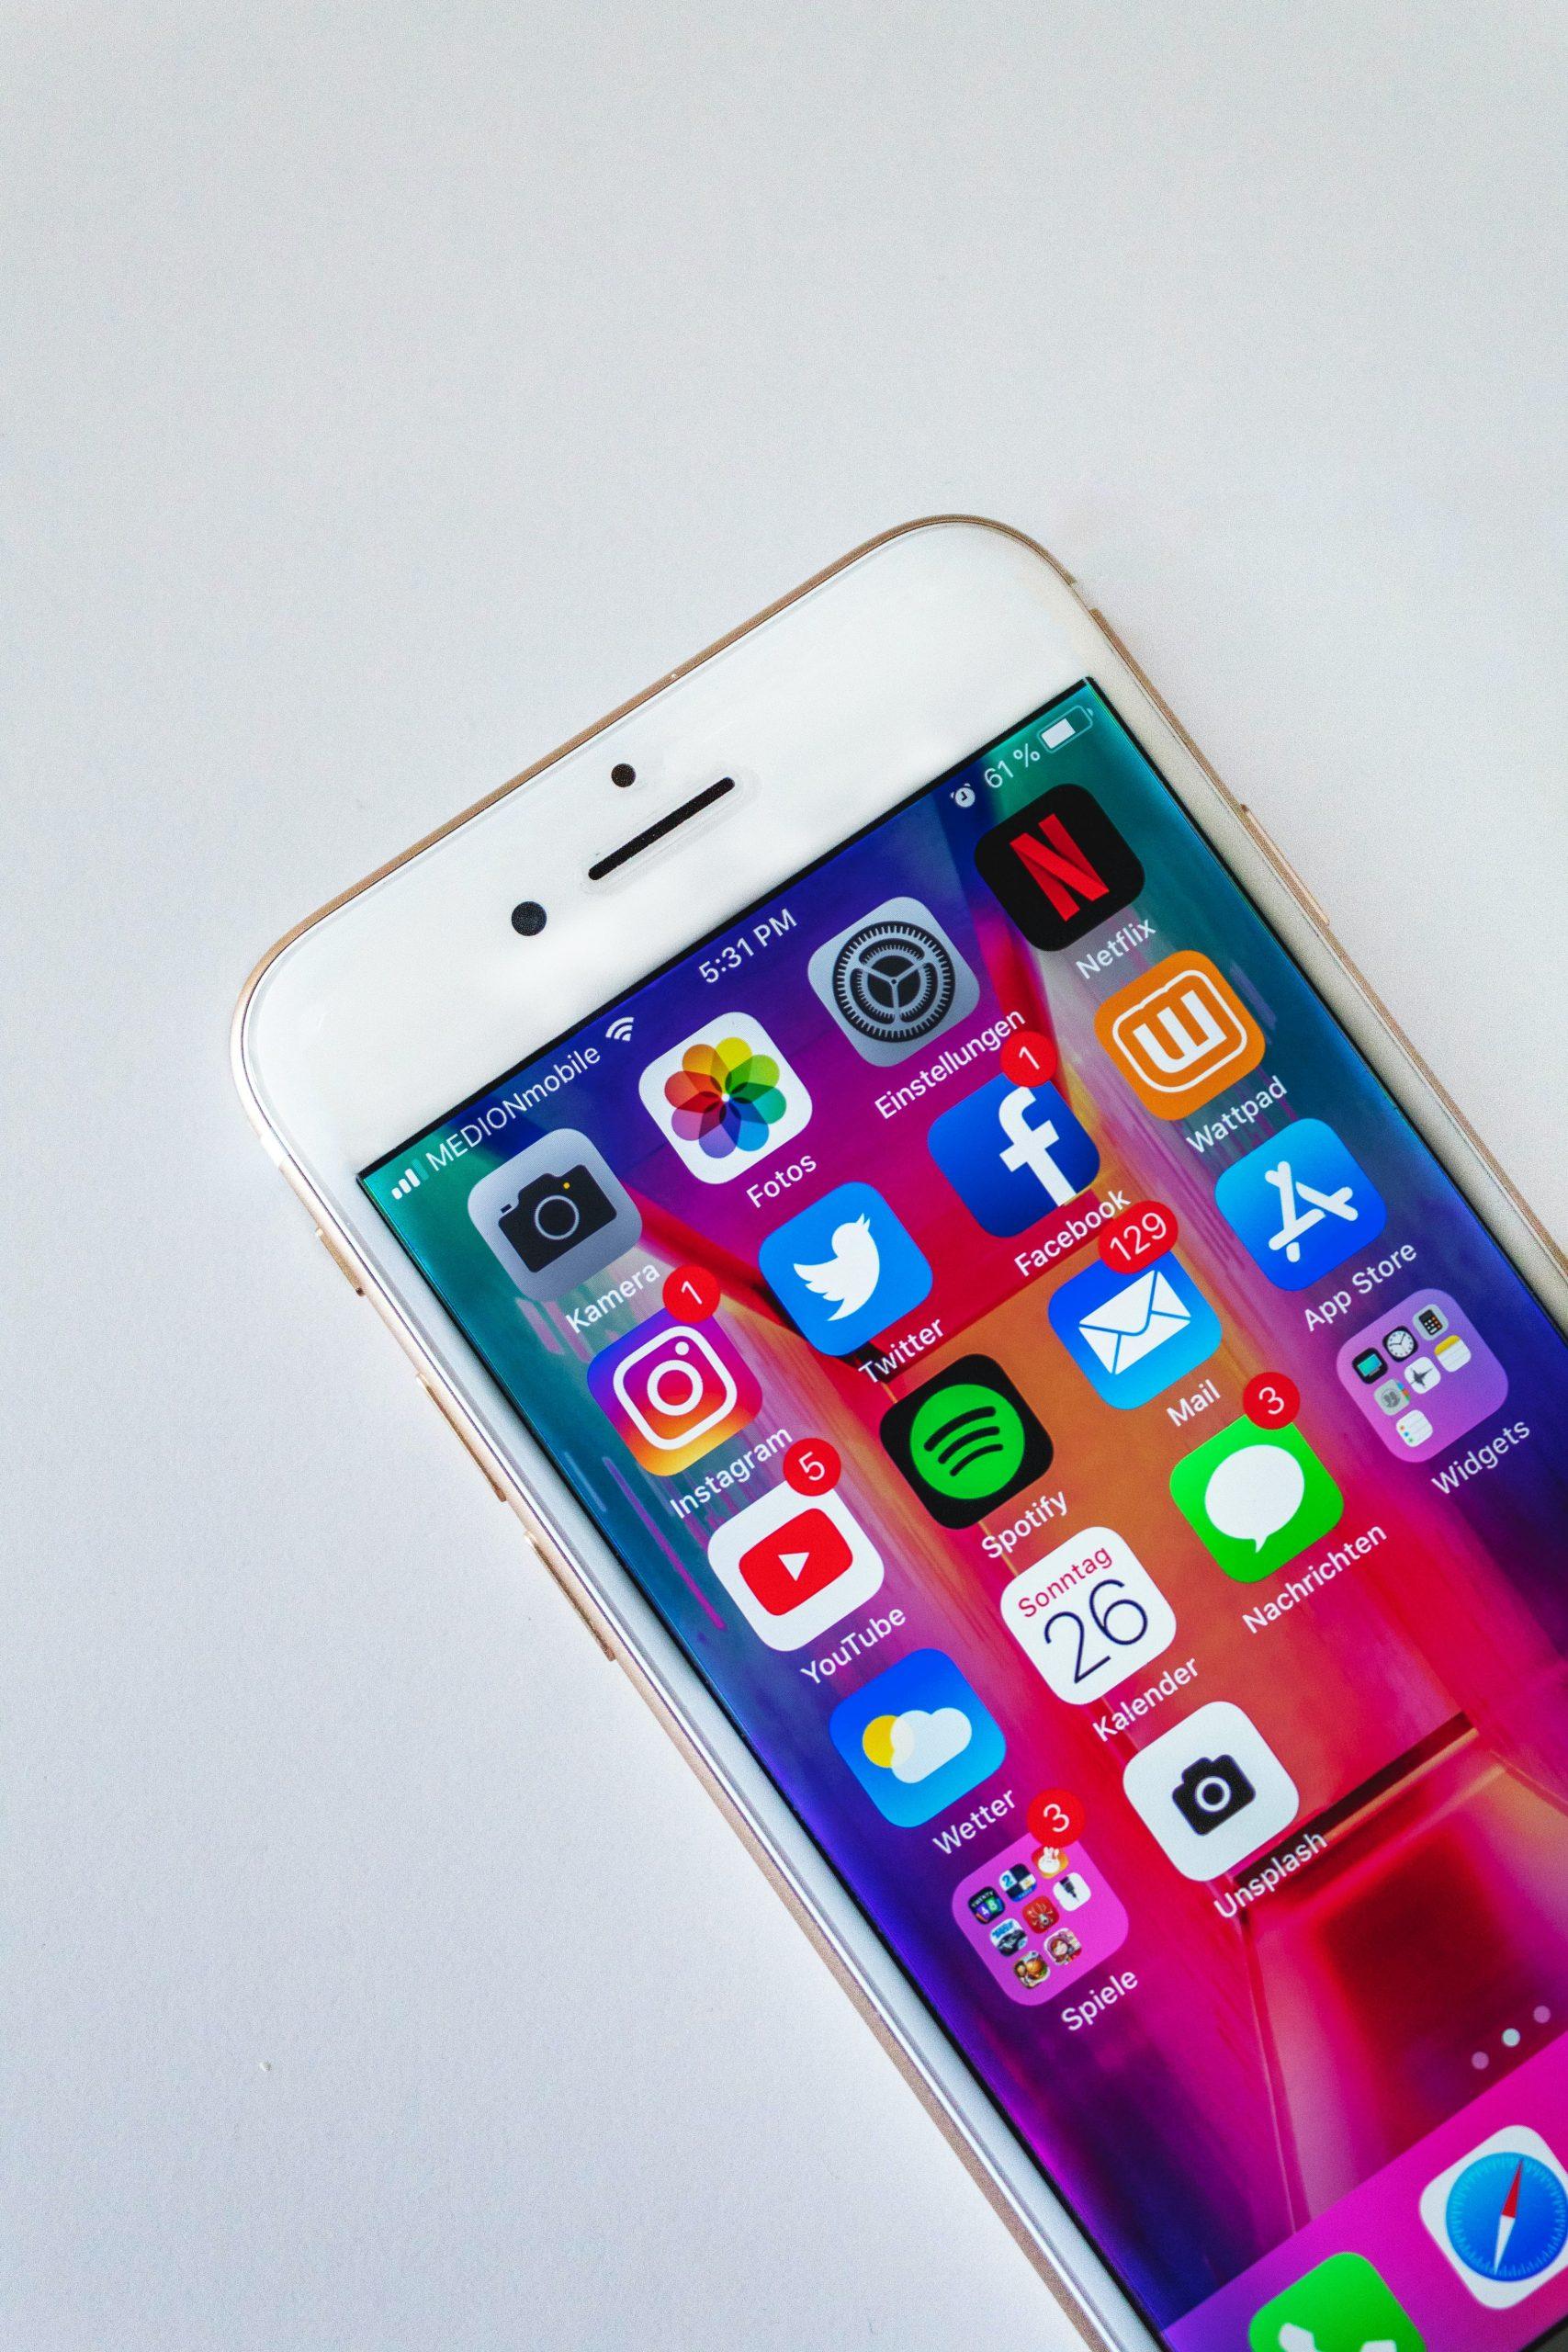 Iphone visar ikoner för sociala medier